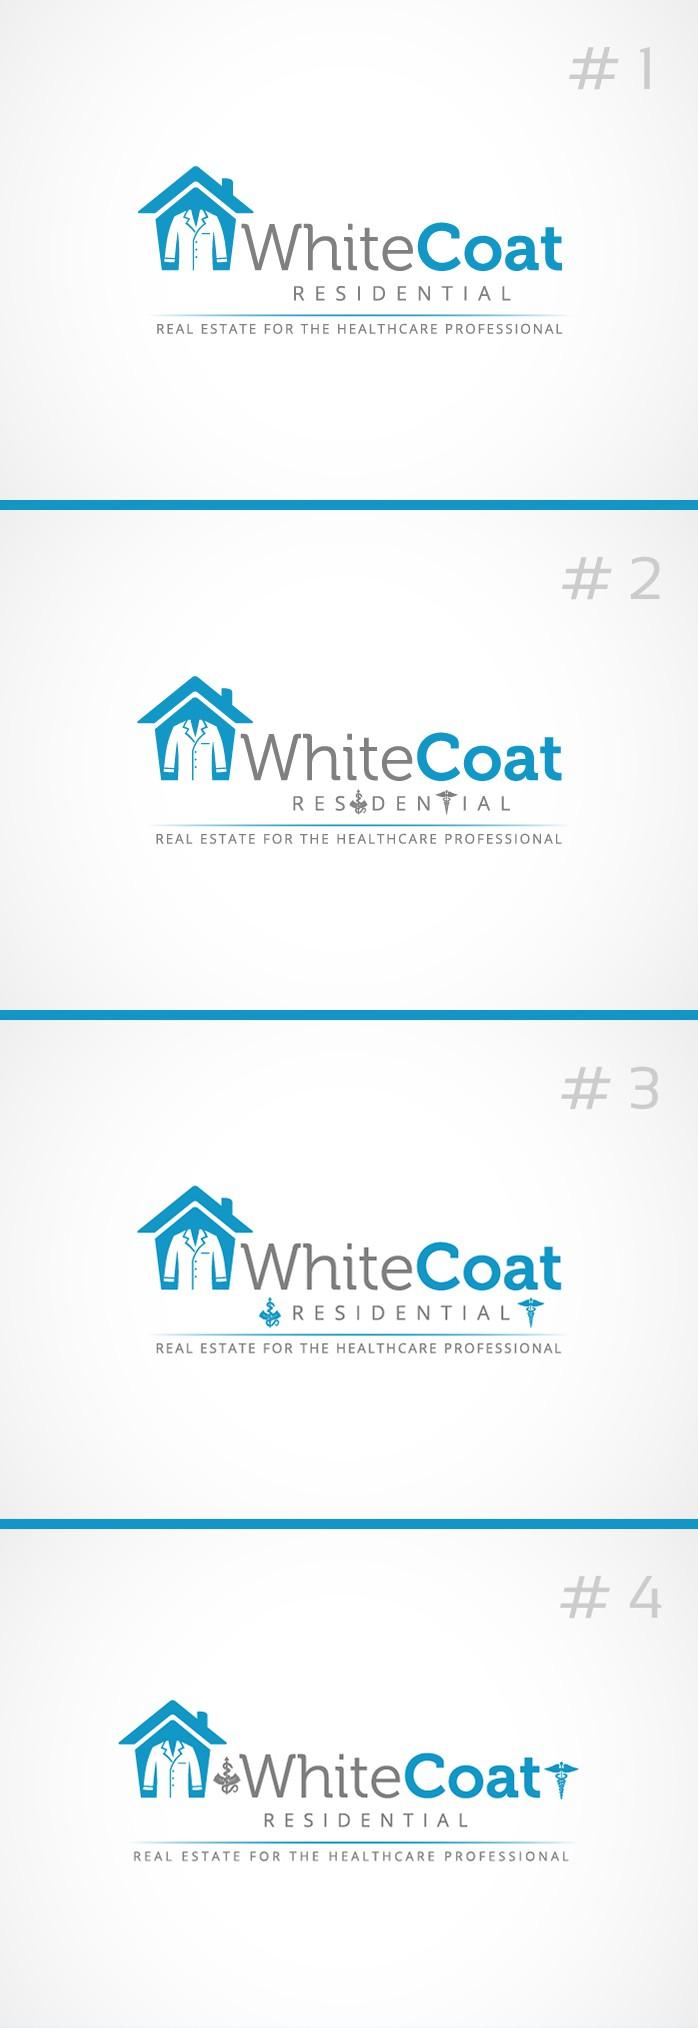 Make your creative mark on logo design for White Coat Residential!